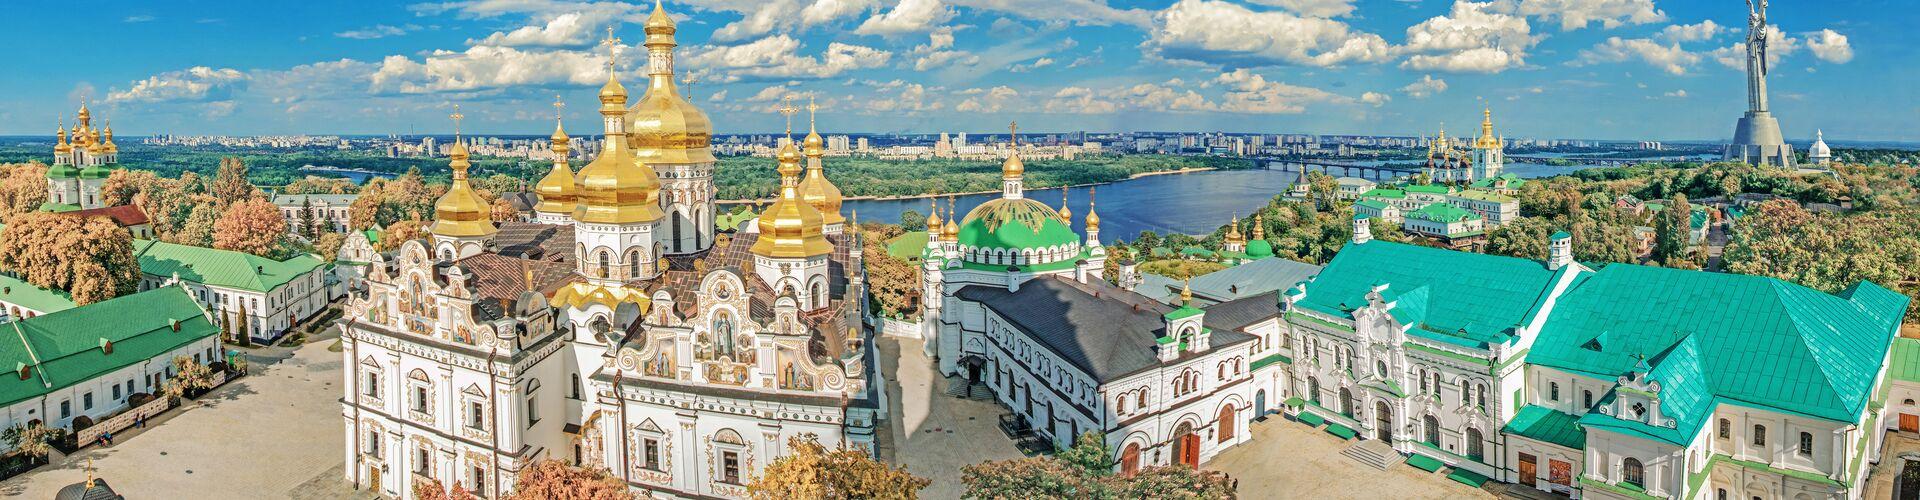 Highlights of Ukraine